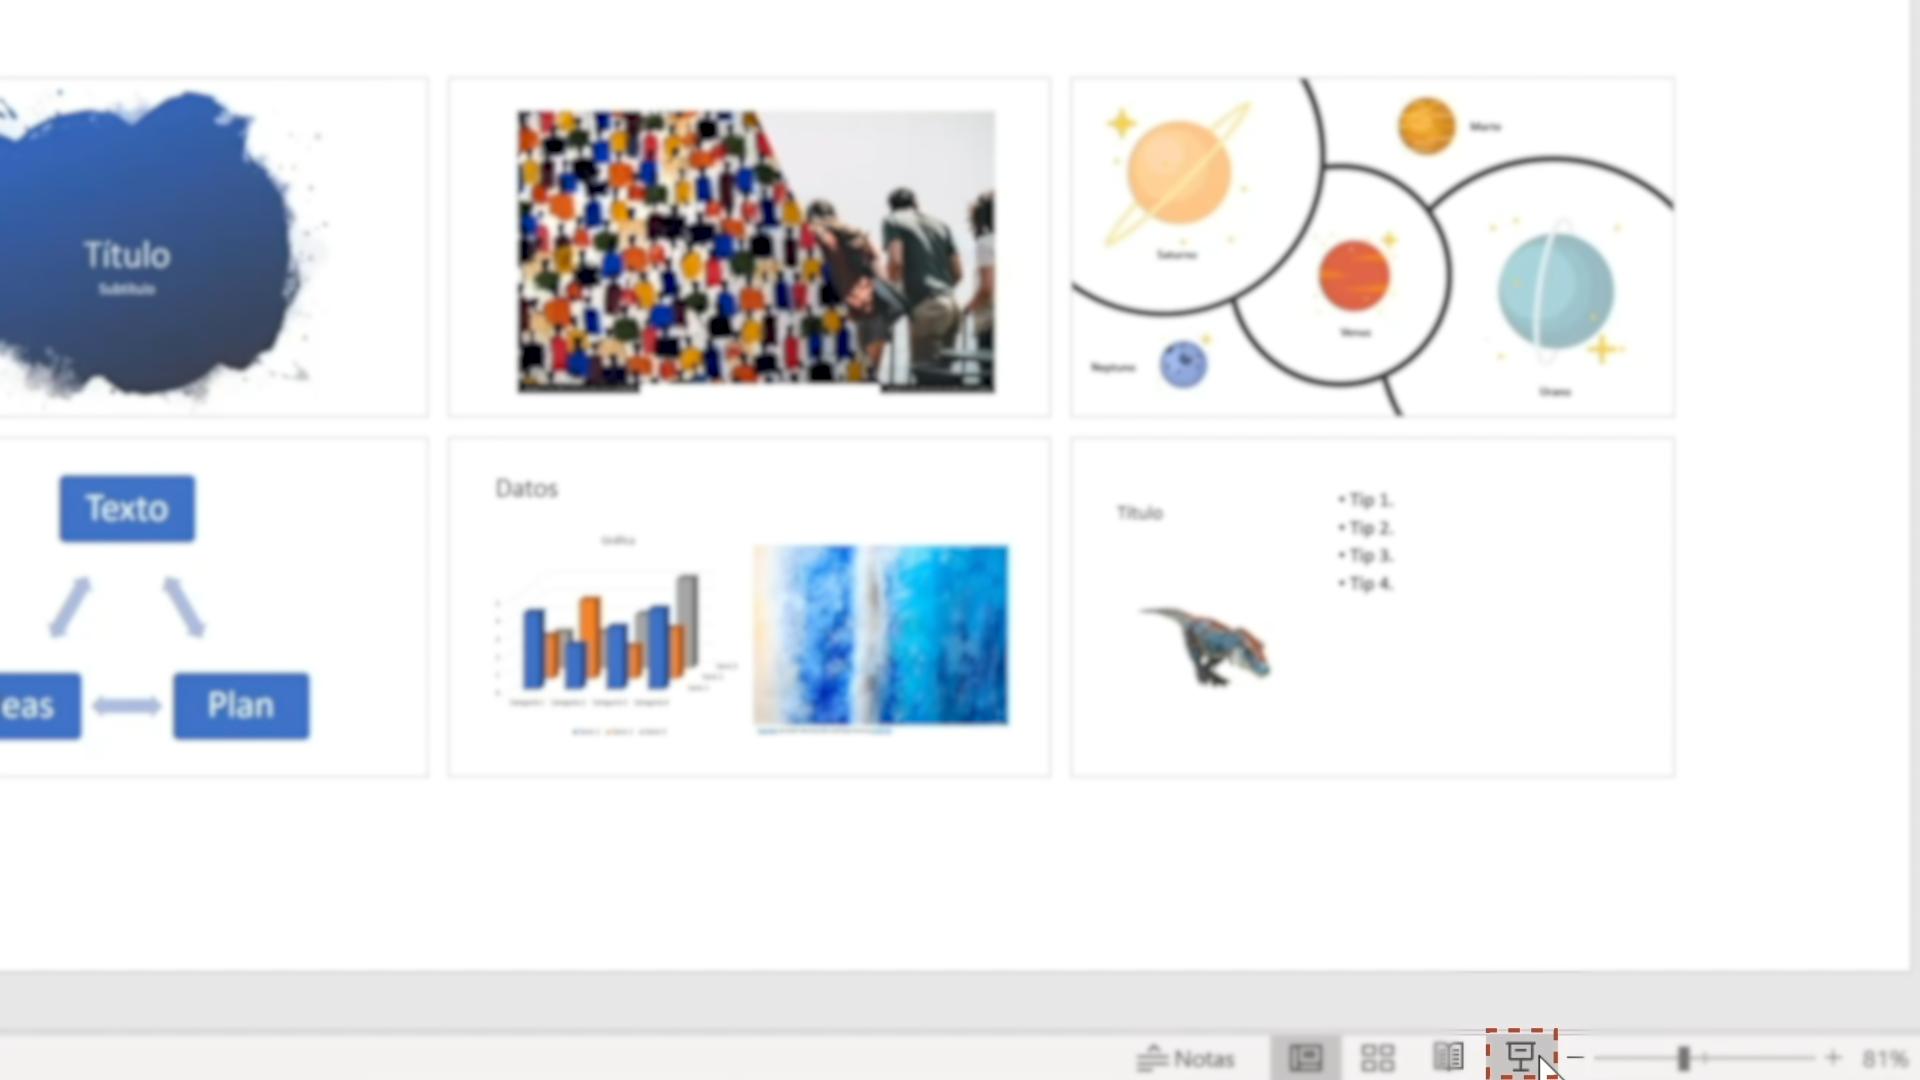 Imagen eligiendo la opción opción Presentación con diapositivas.